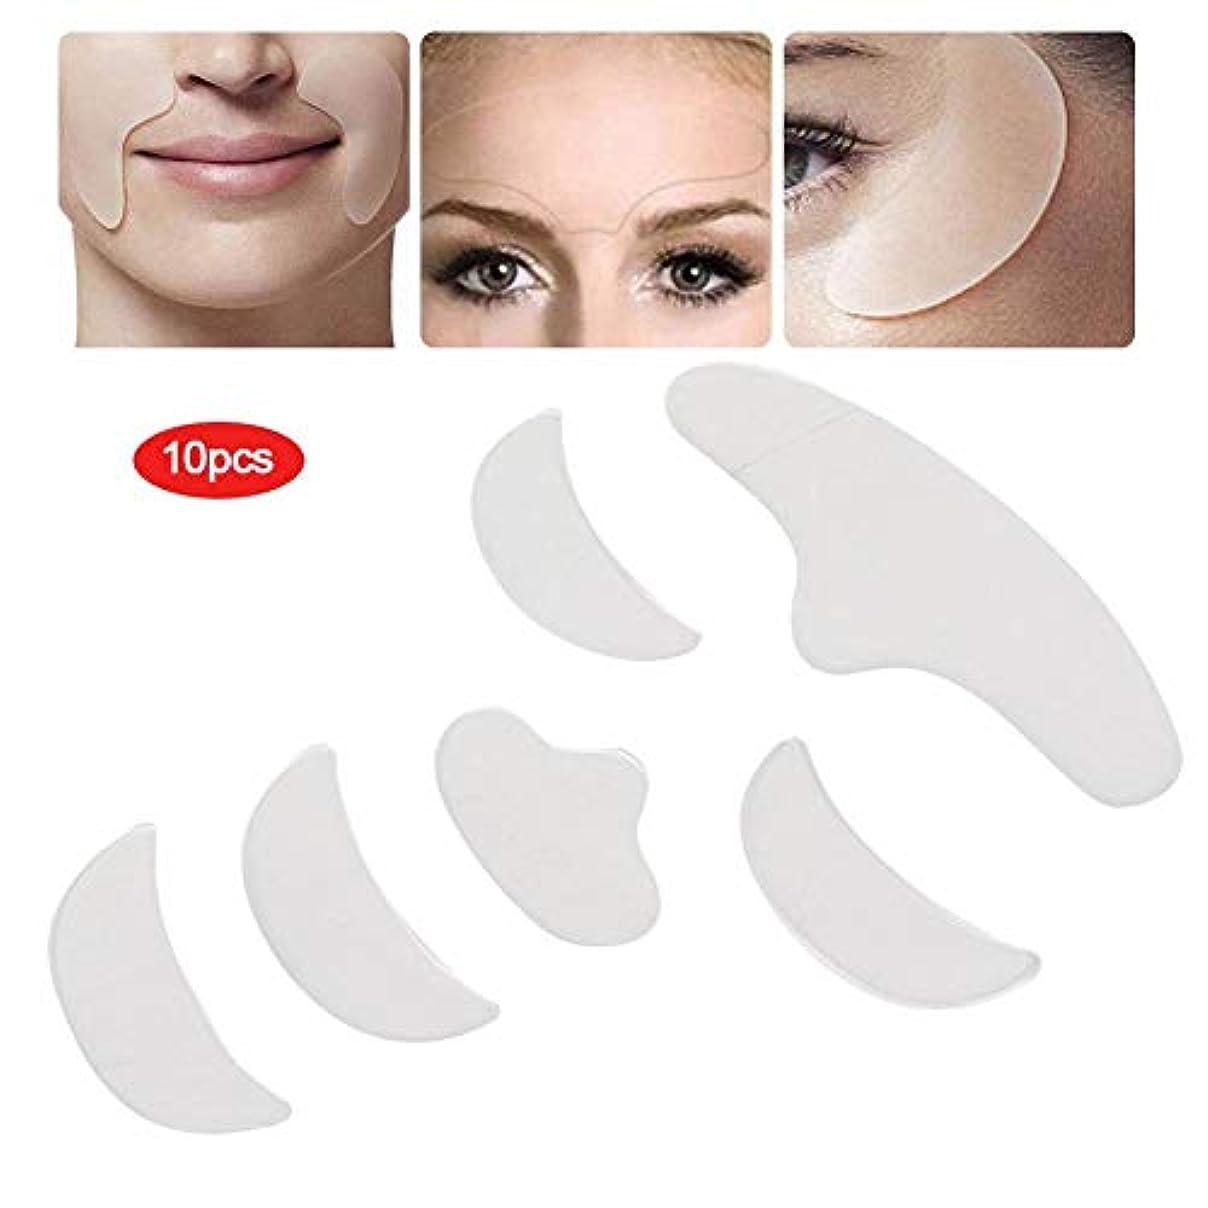 レンダリング信念潜在的な額のあごの顔のための6本のシリコンリンクルパッド